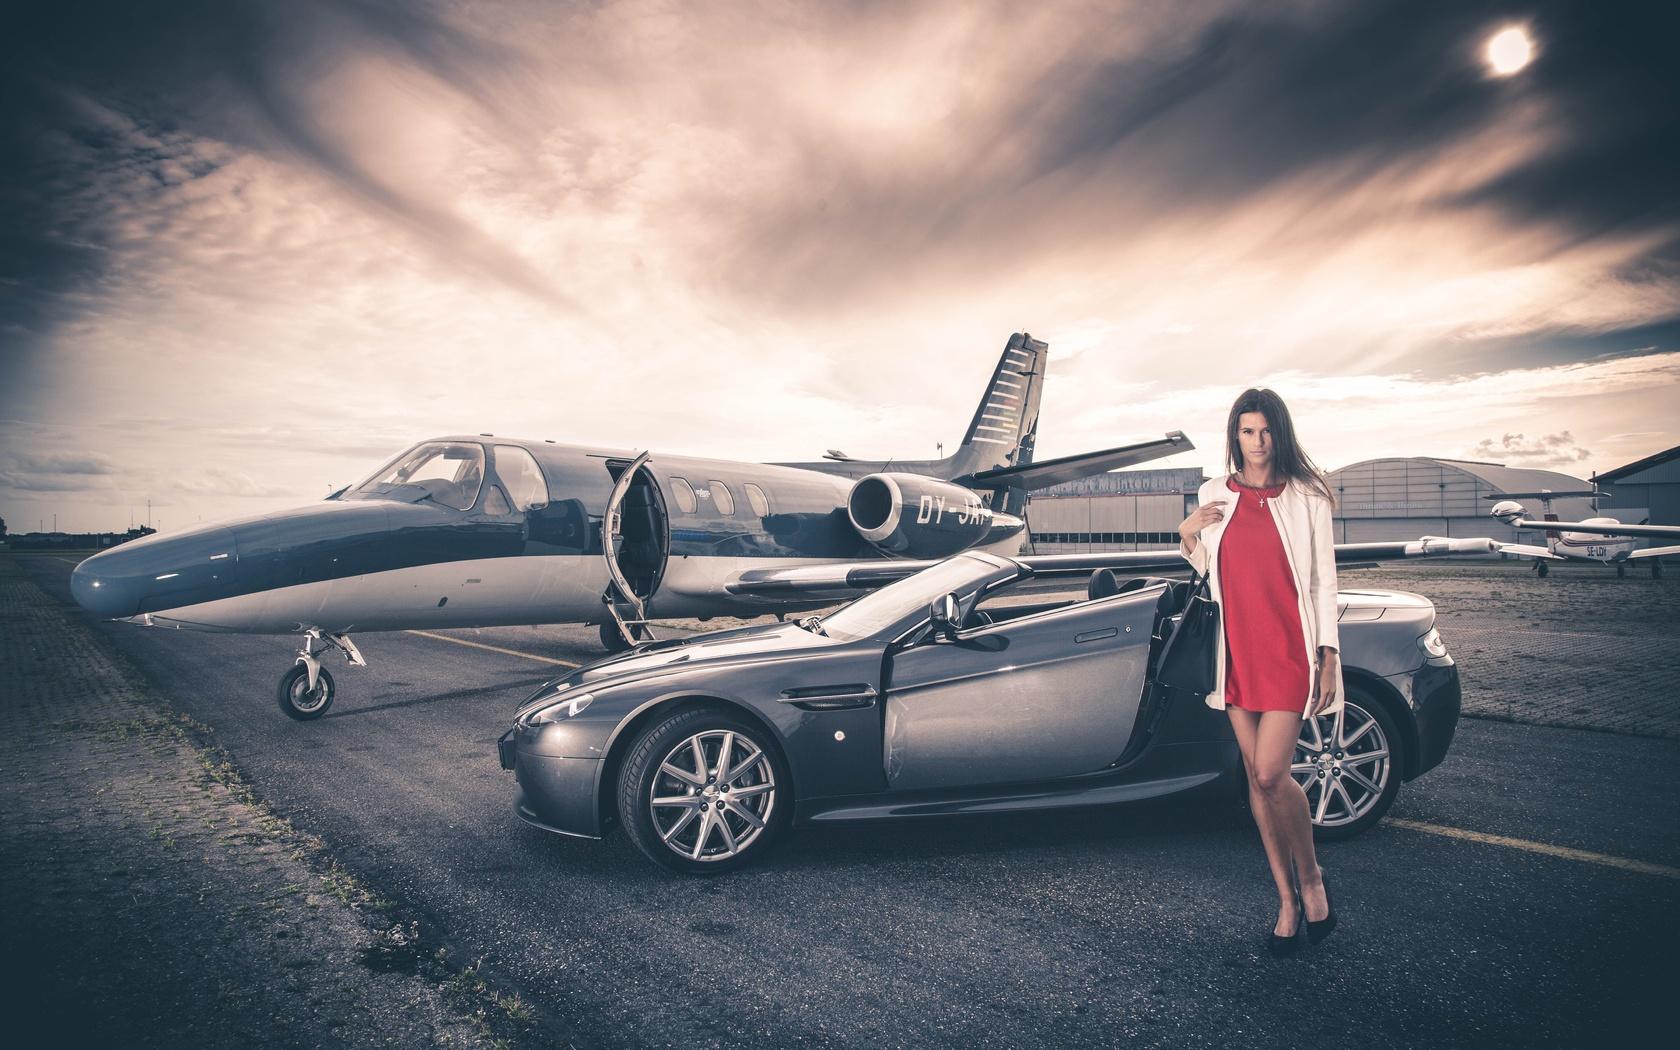 астон мартин, суперкар, самолет, девушка